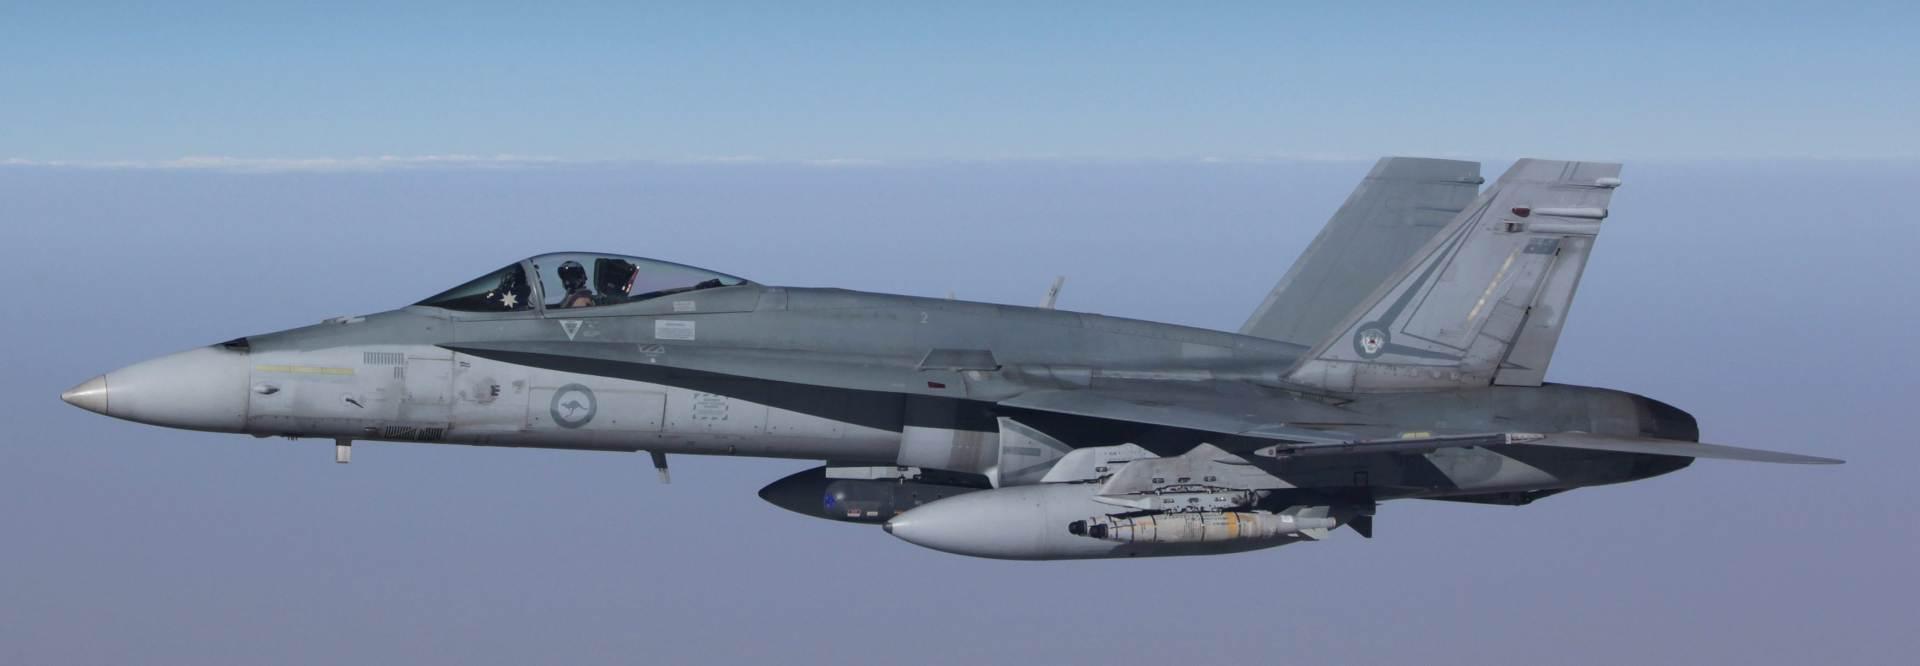 OPASNI SUSRETI: Avioni SAD-a i Rusije opasno se približili jedni drugima, pregovori već